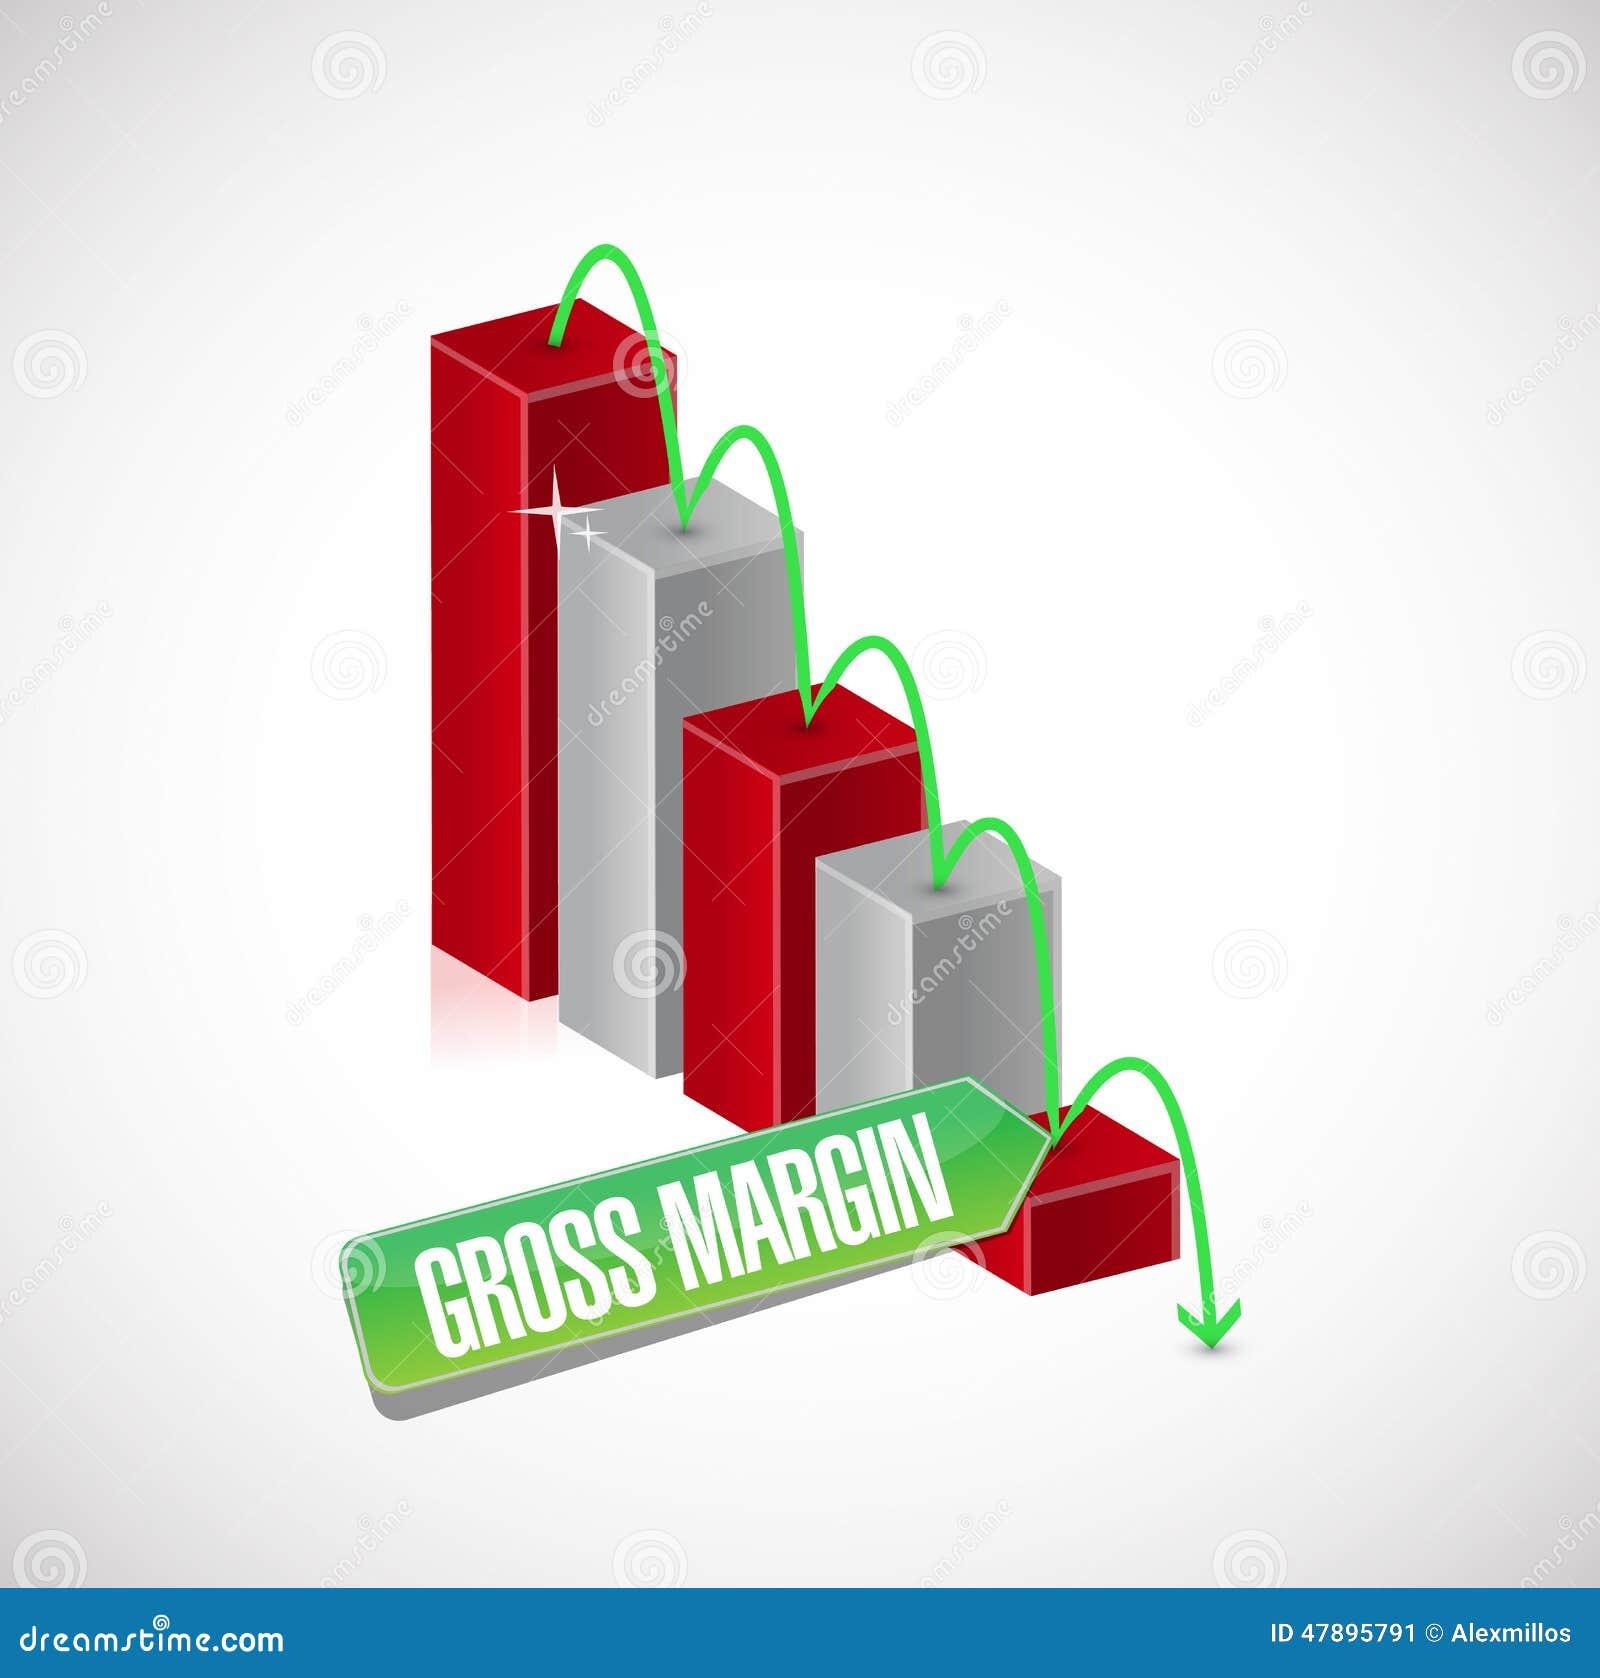 falling business gross margin stock illustration image 47895791. Black Bedroom Furniture Sets. Home Design Ideas